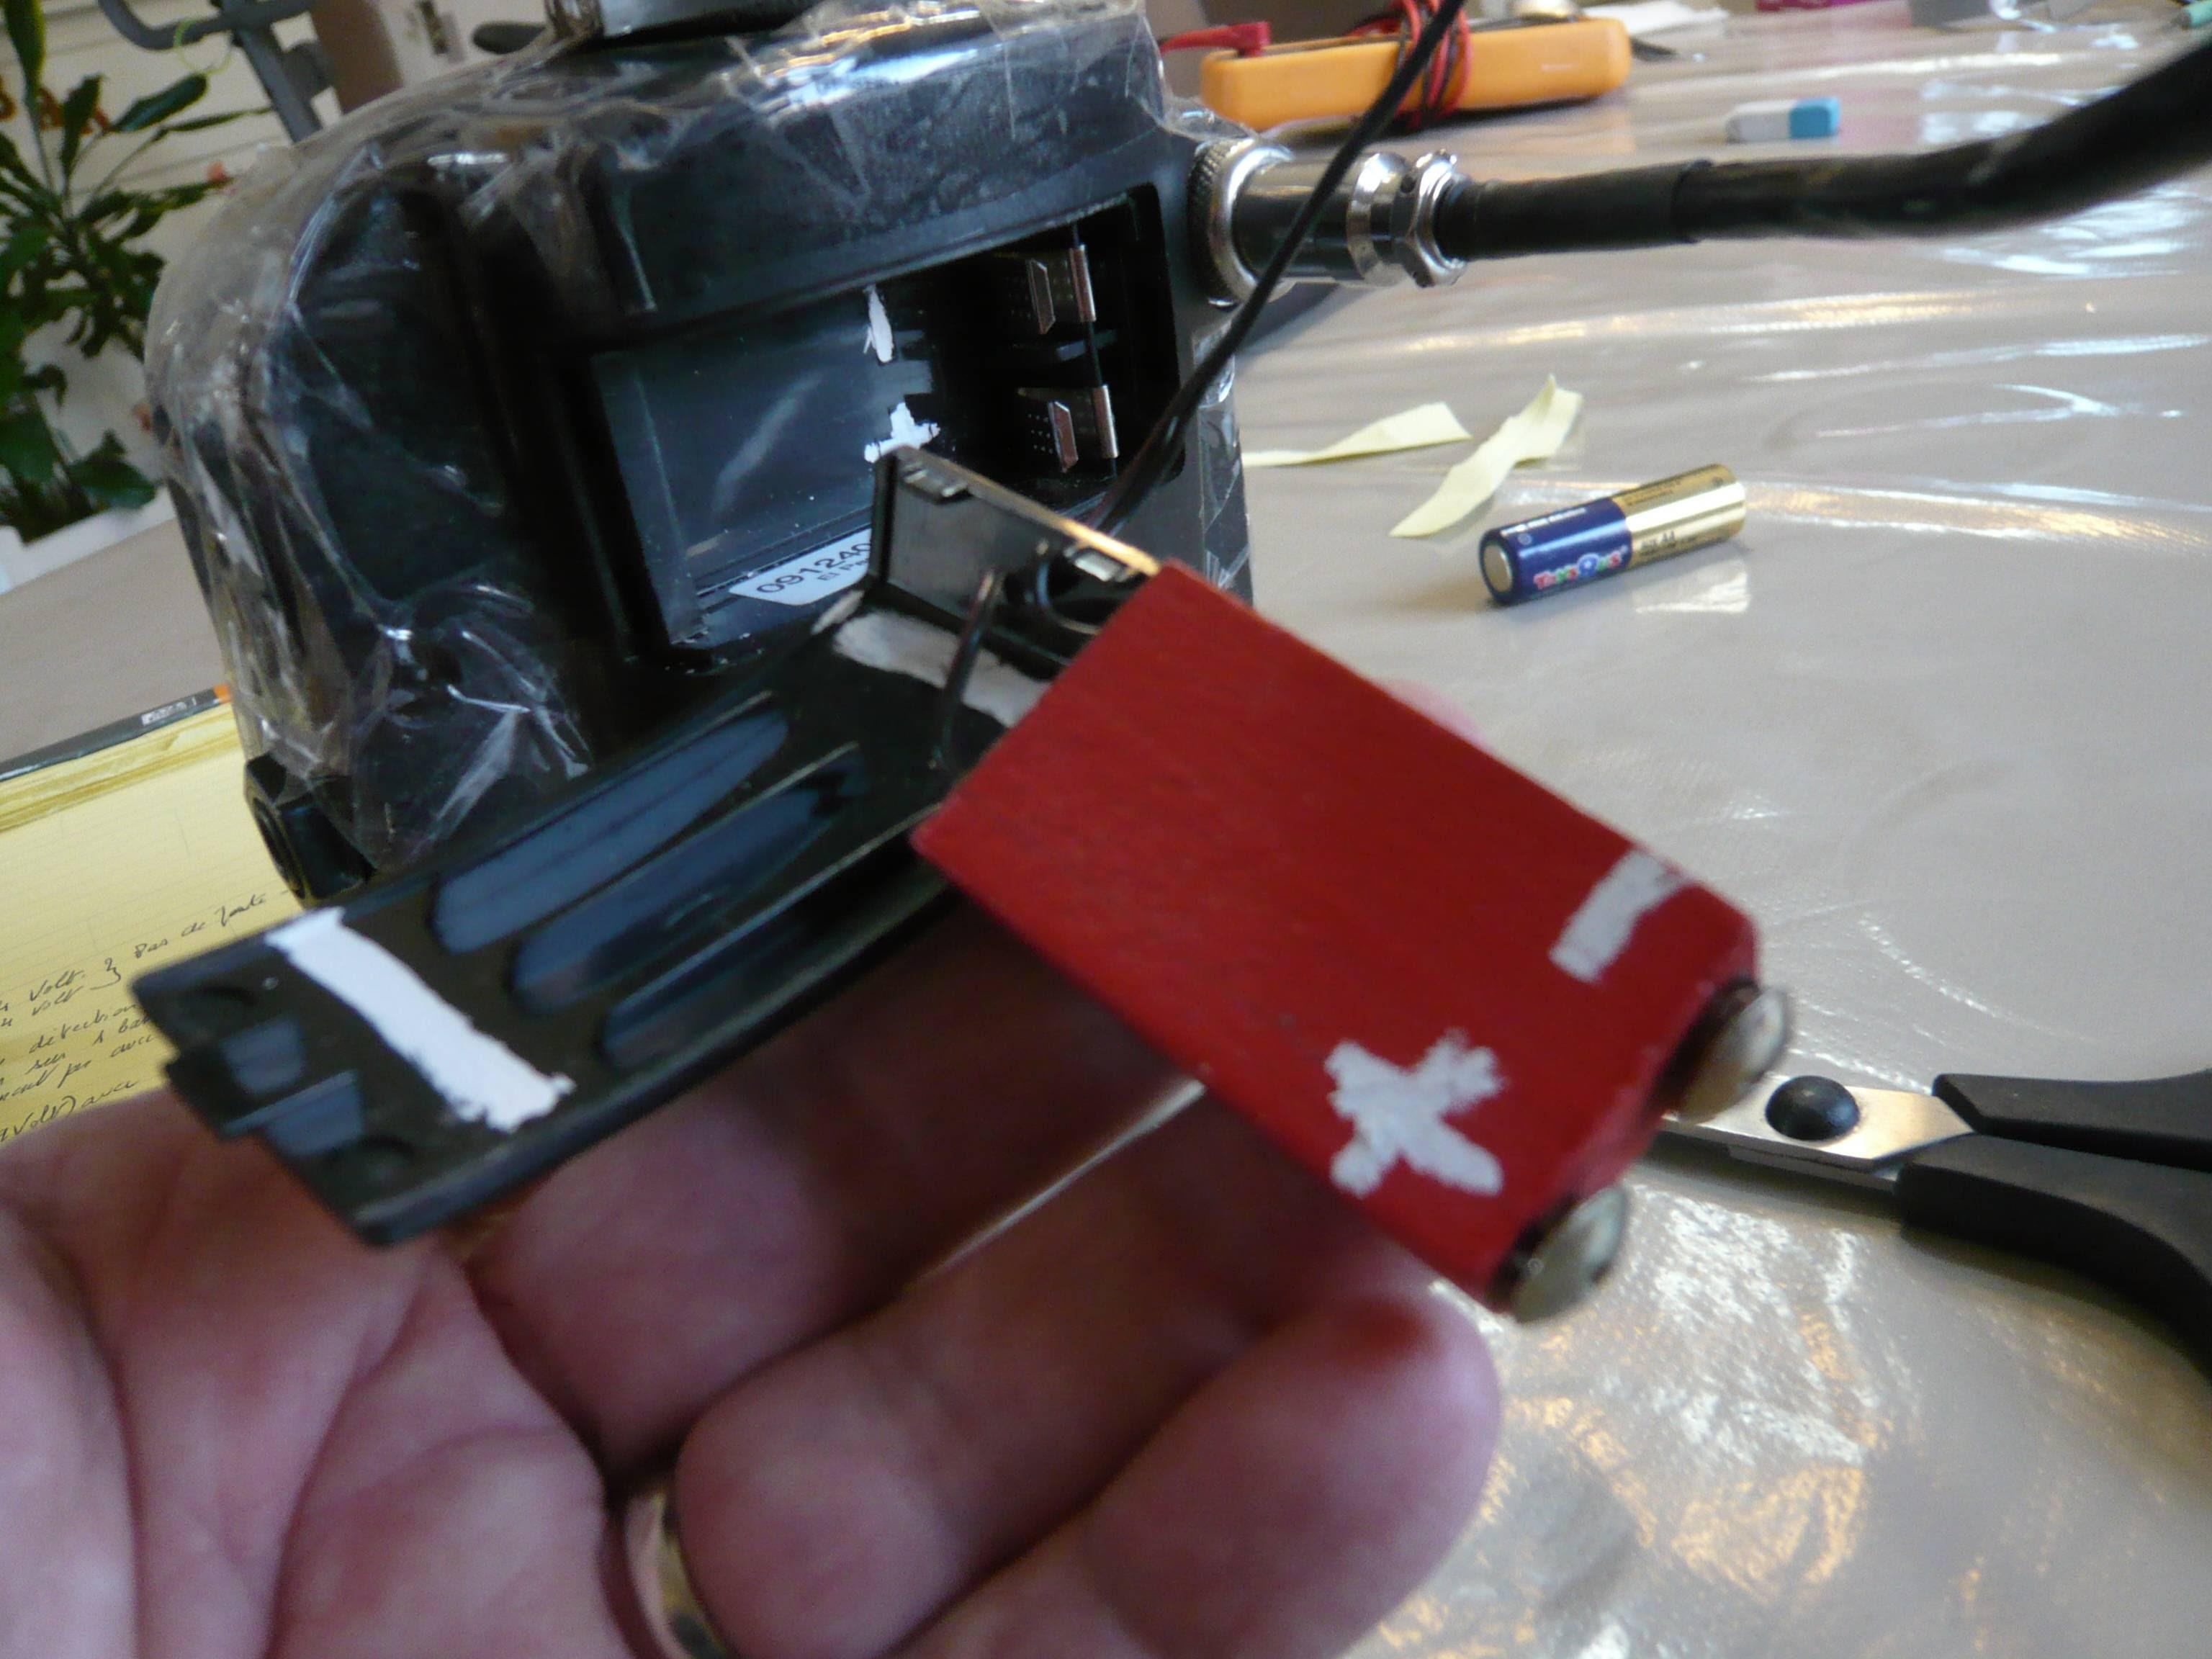 Une Batterie Pour Emplacer Un Pile De 9 Volt Detecteur Net Forum